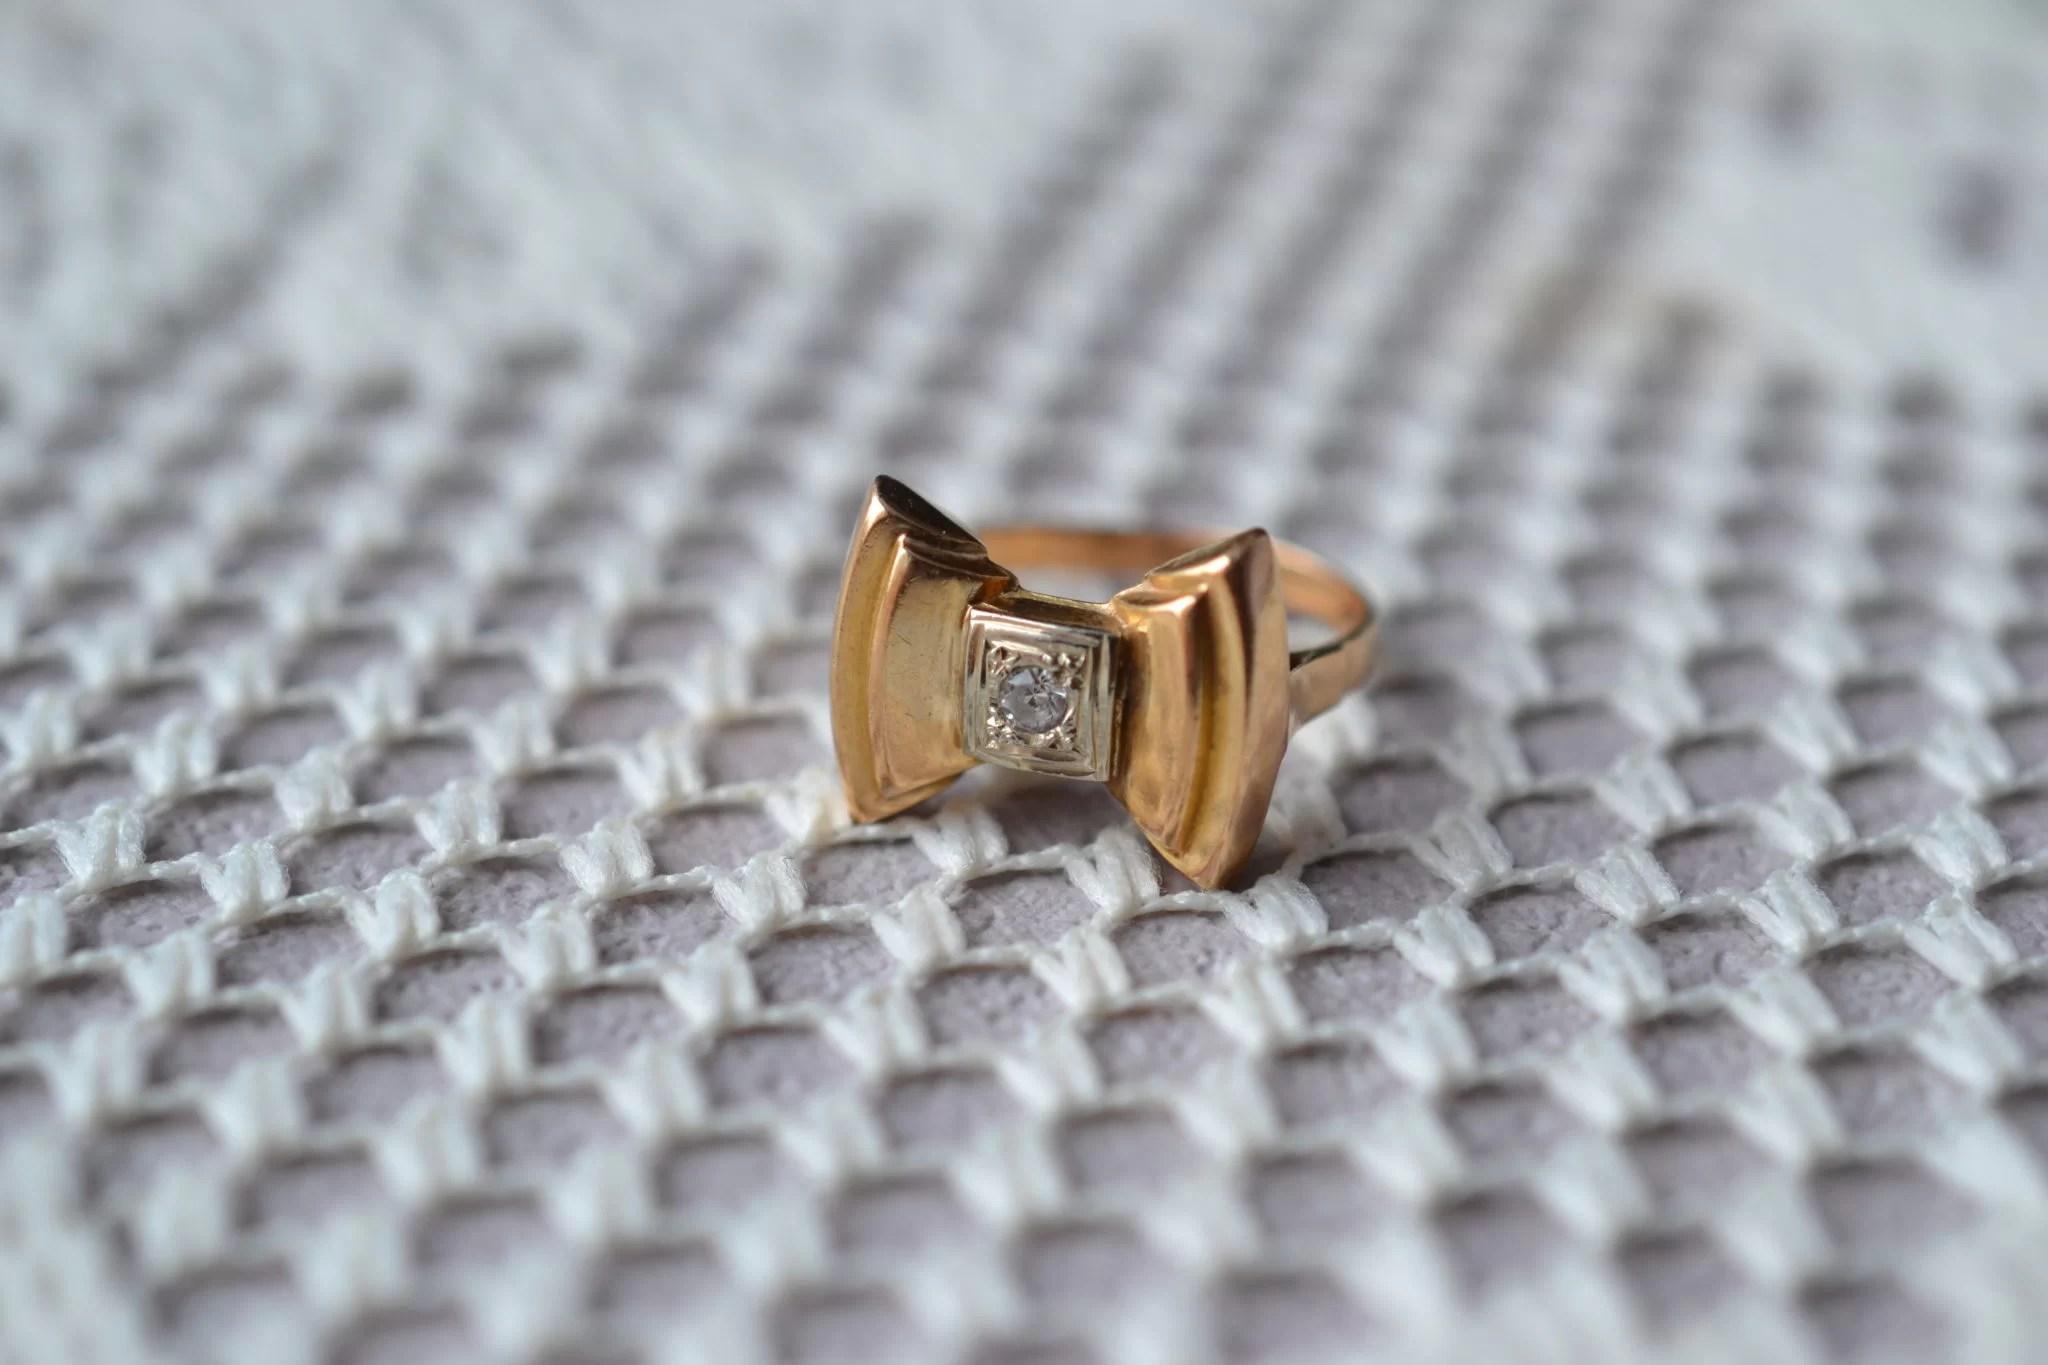 Bague en Or jaune et Or blanc en forme de nœud papillon sertie d_une pierre blanche - bague ancienne